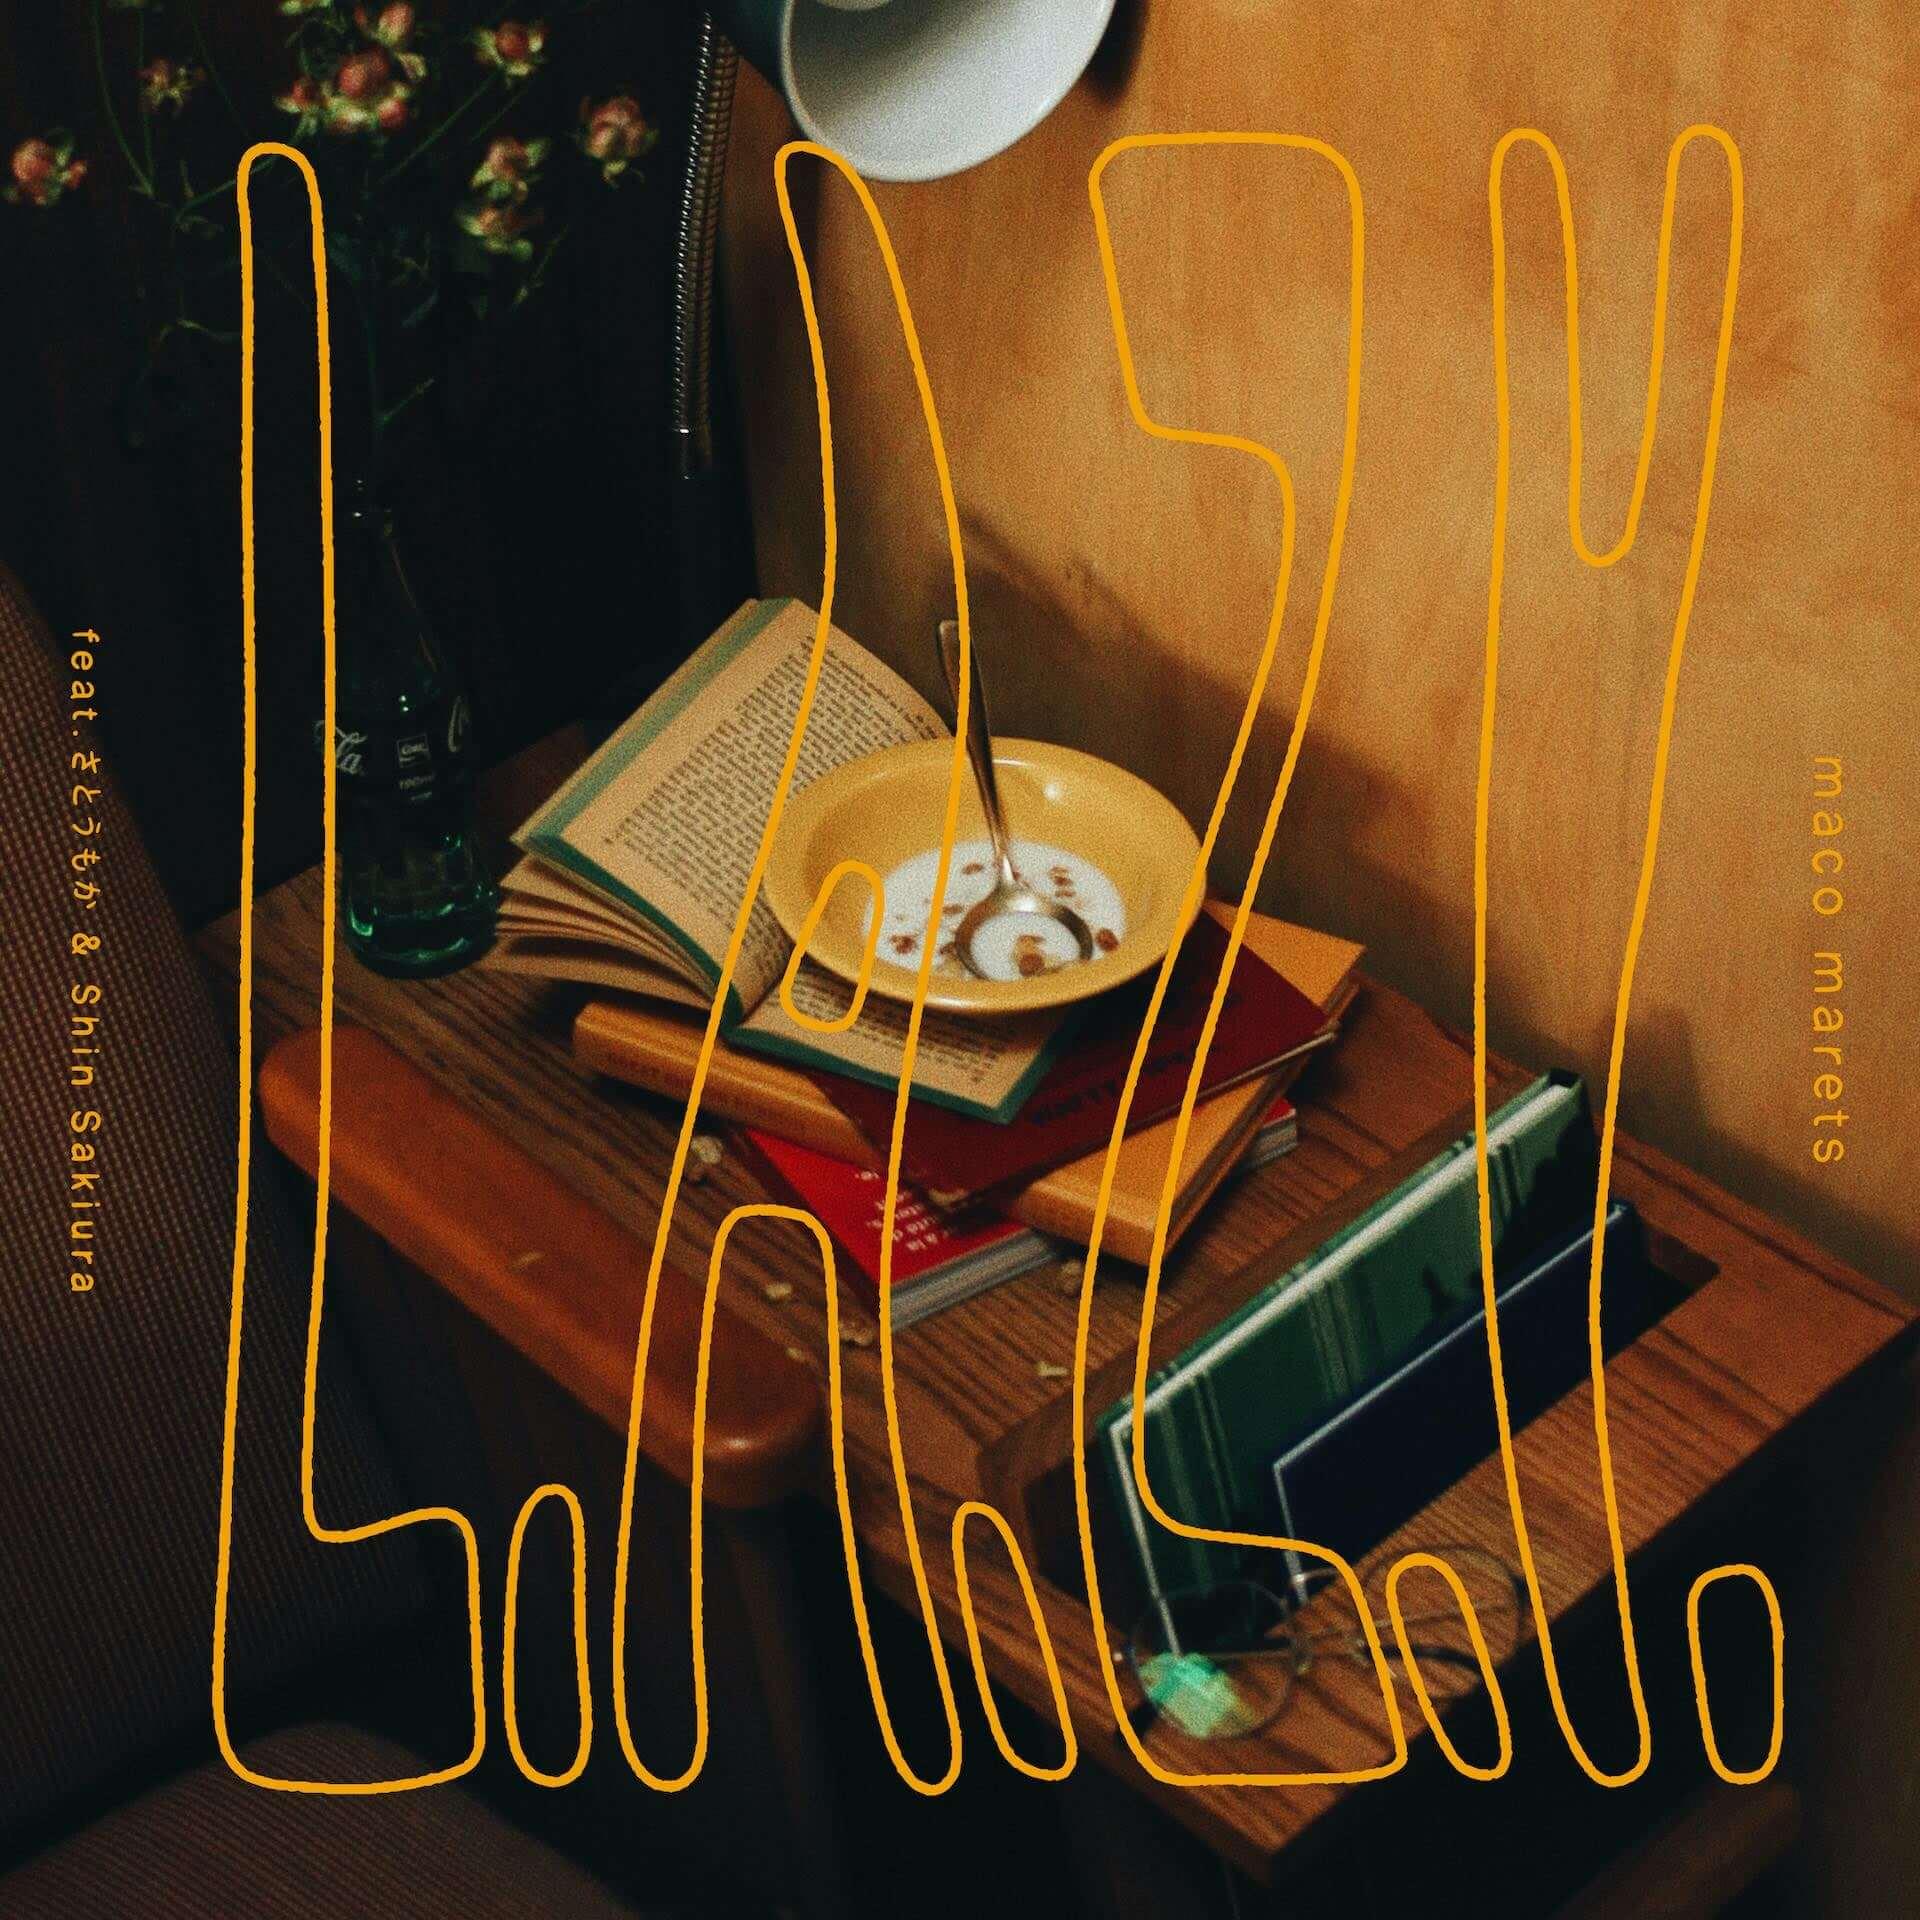 """maco maretsがShin Sakiura、さとうもかを迎えた新曲""""L.A.Z.Y.""""をリリース!moi.によるMVも公開 music210217_maco-marets_3-1920x1920"""